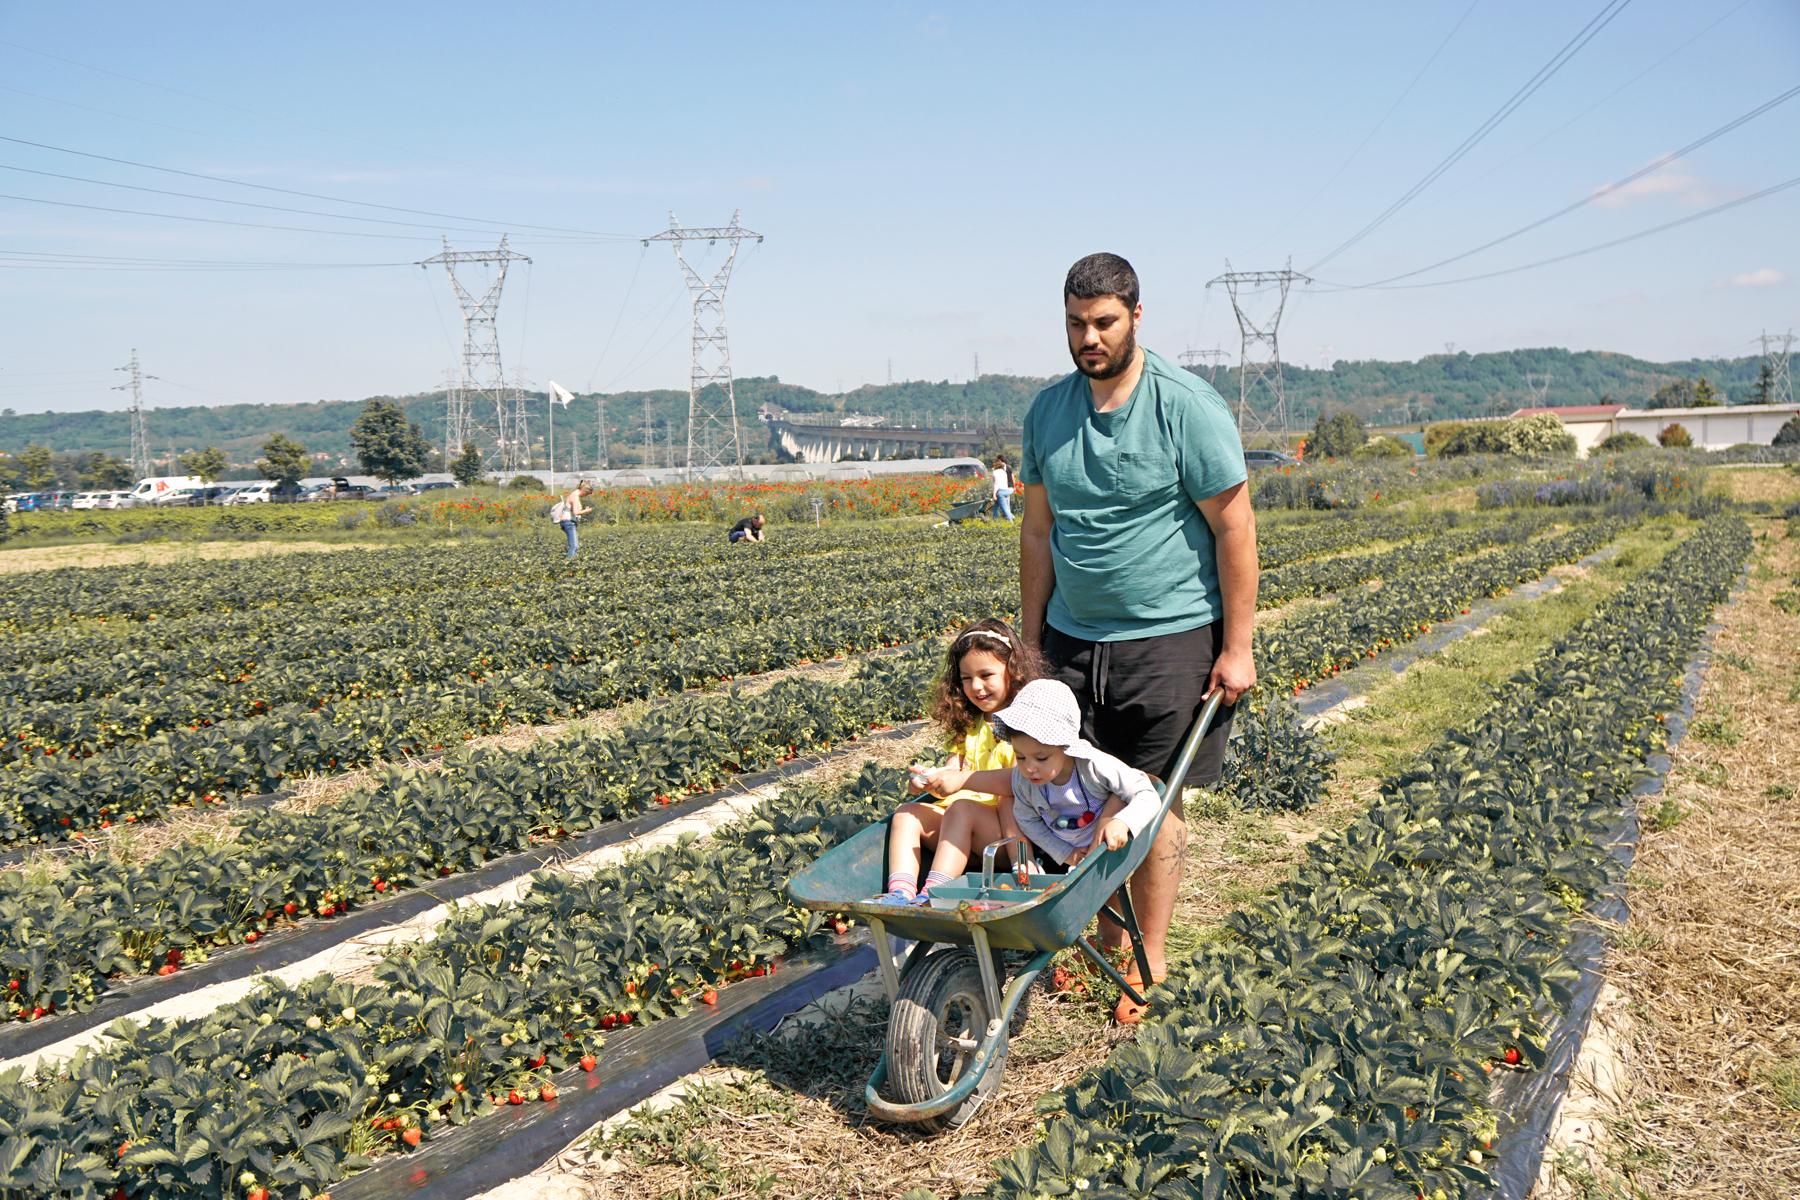 Cueillette de fraises à Fraisochamps, Thil